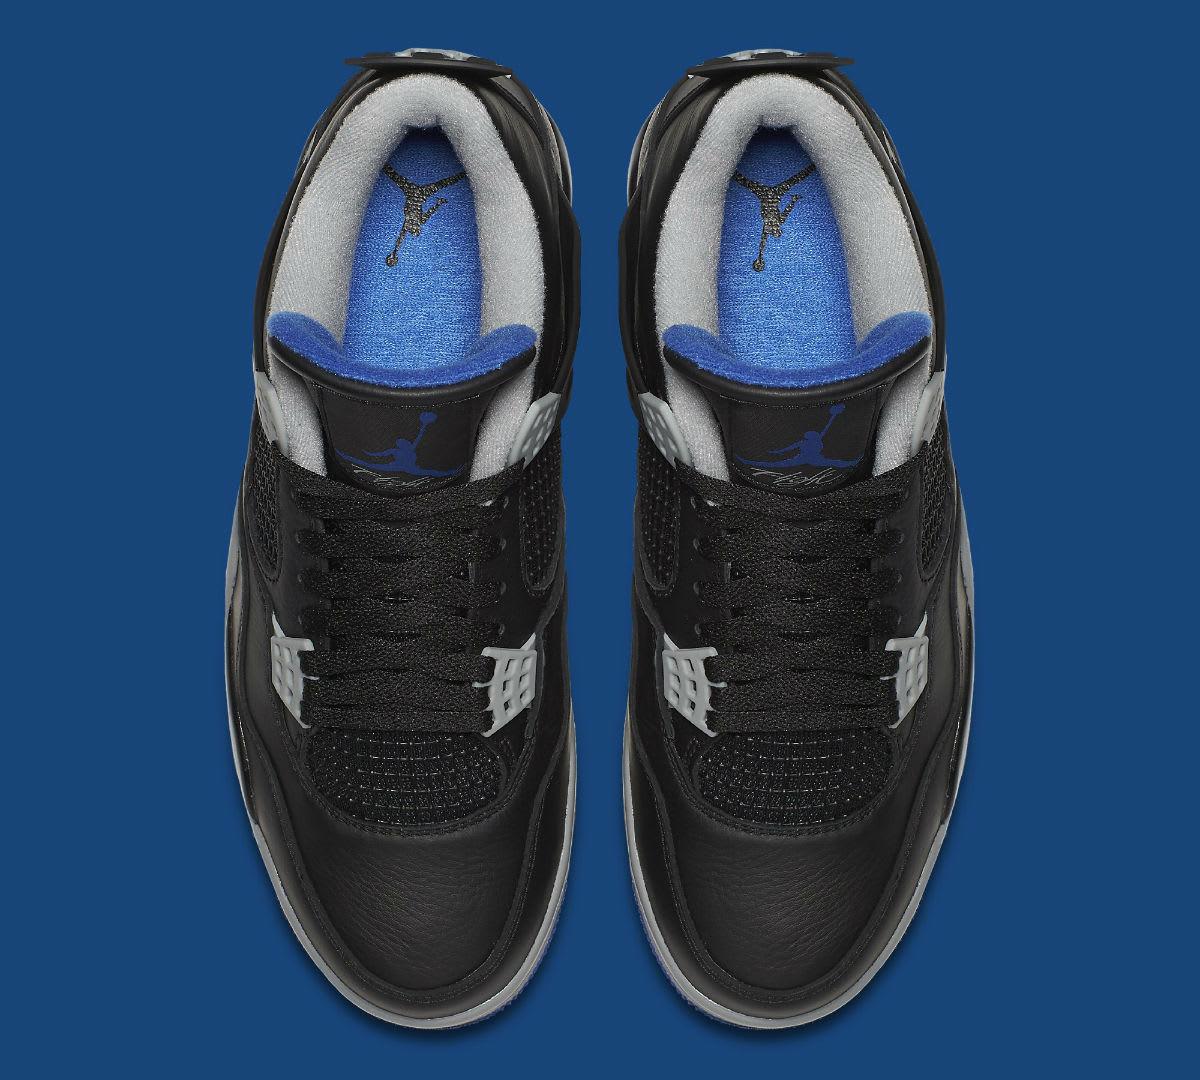 Air Jordan 4 Game Royal Release Date Top 308497-006